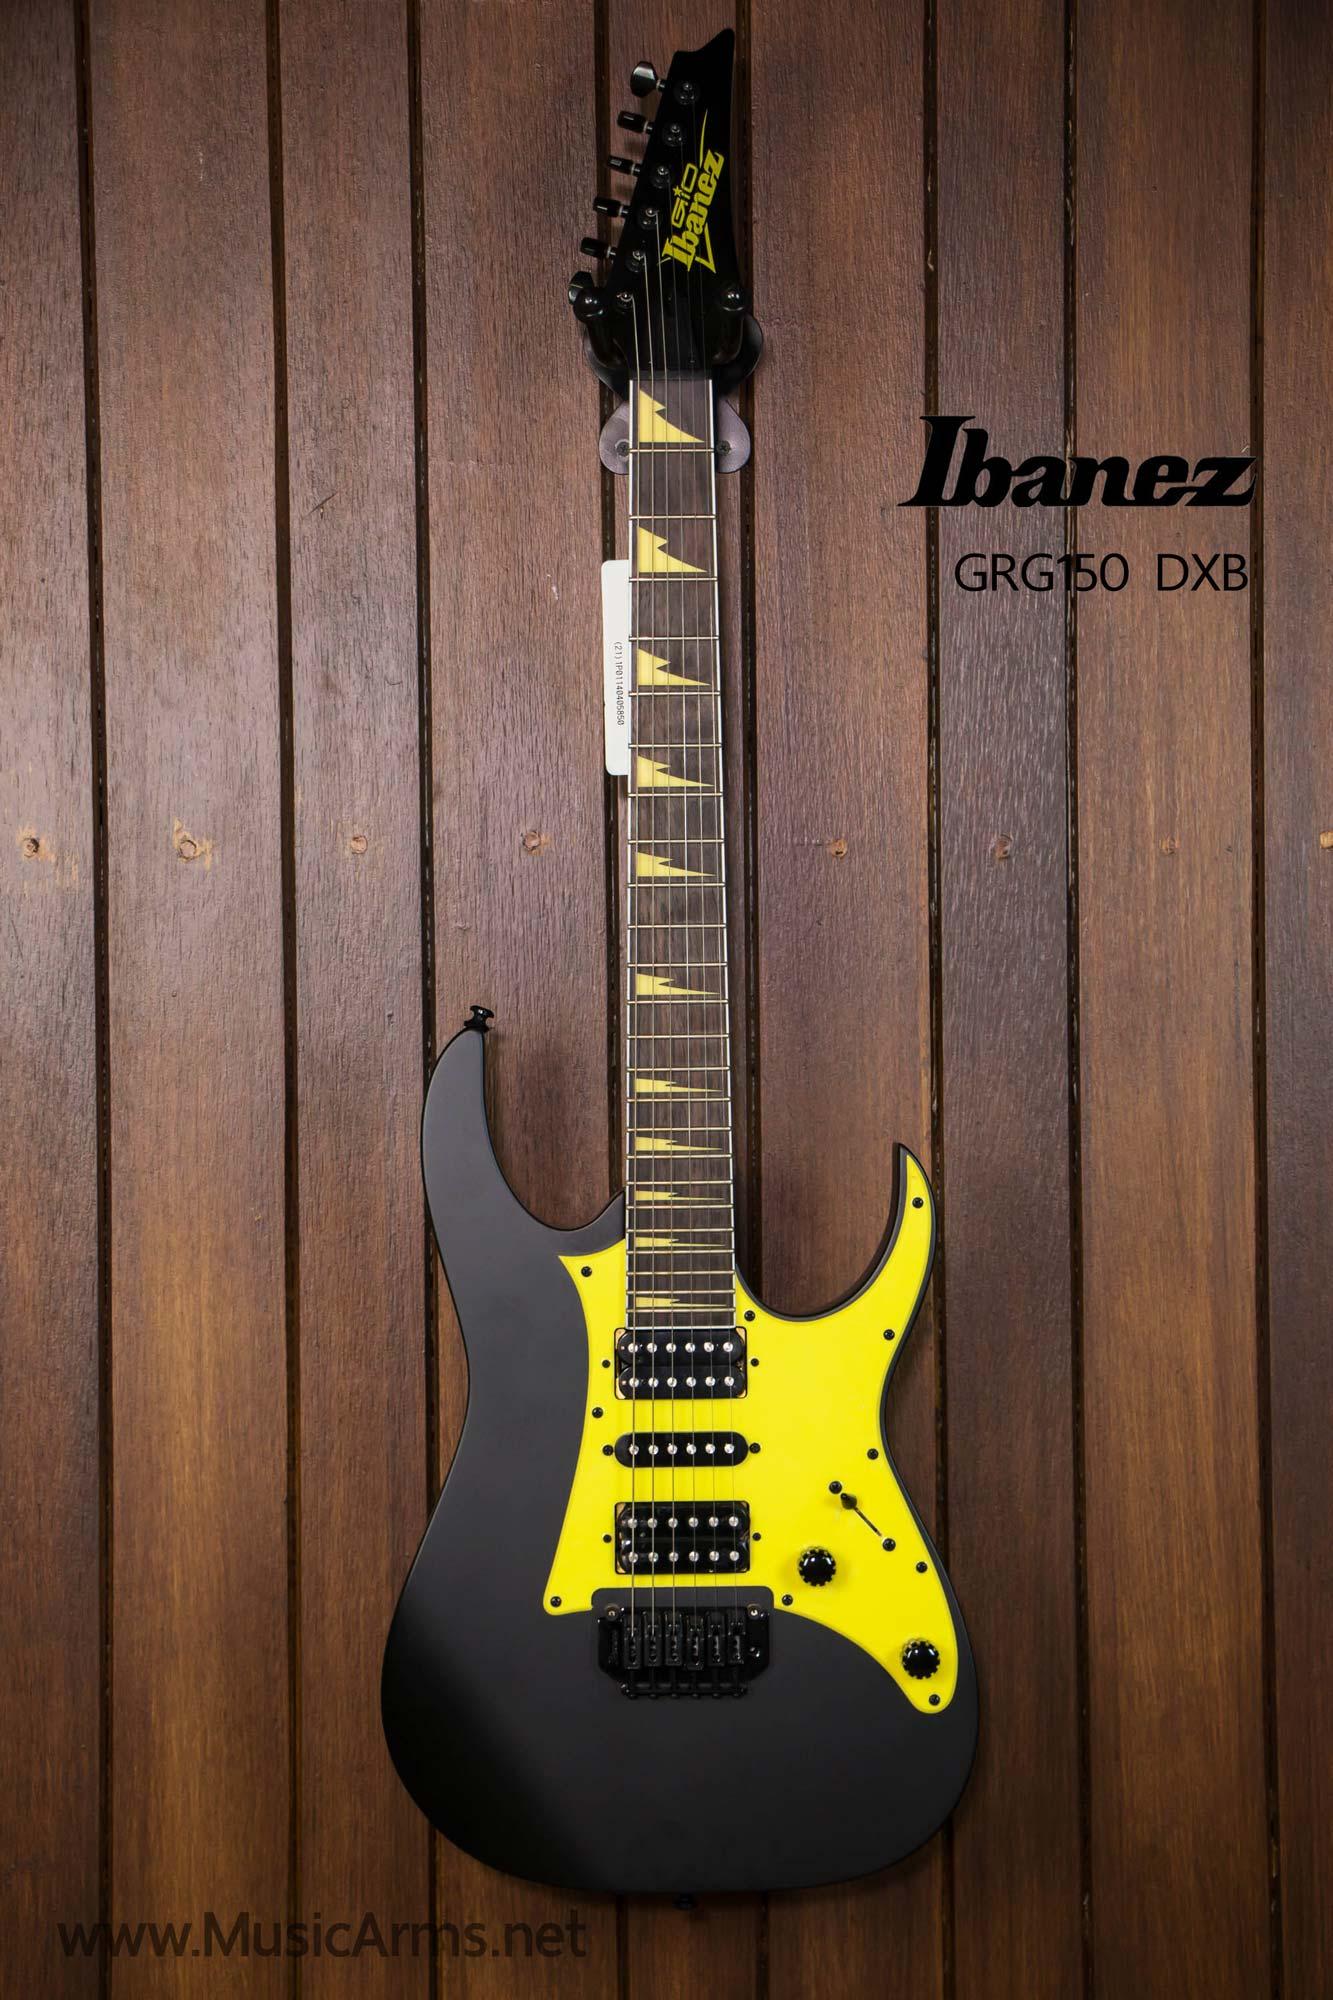 grg150dx-Ibanez ขายราคาพิเศษ